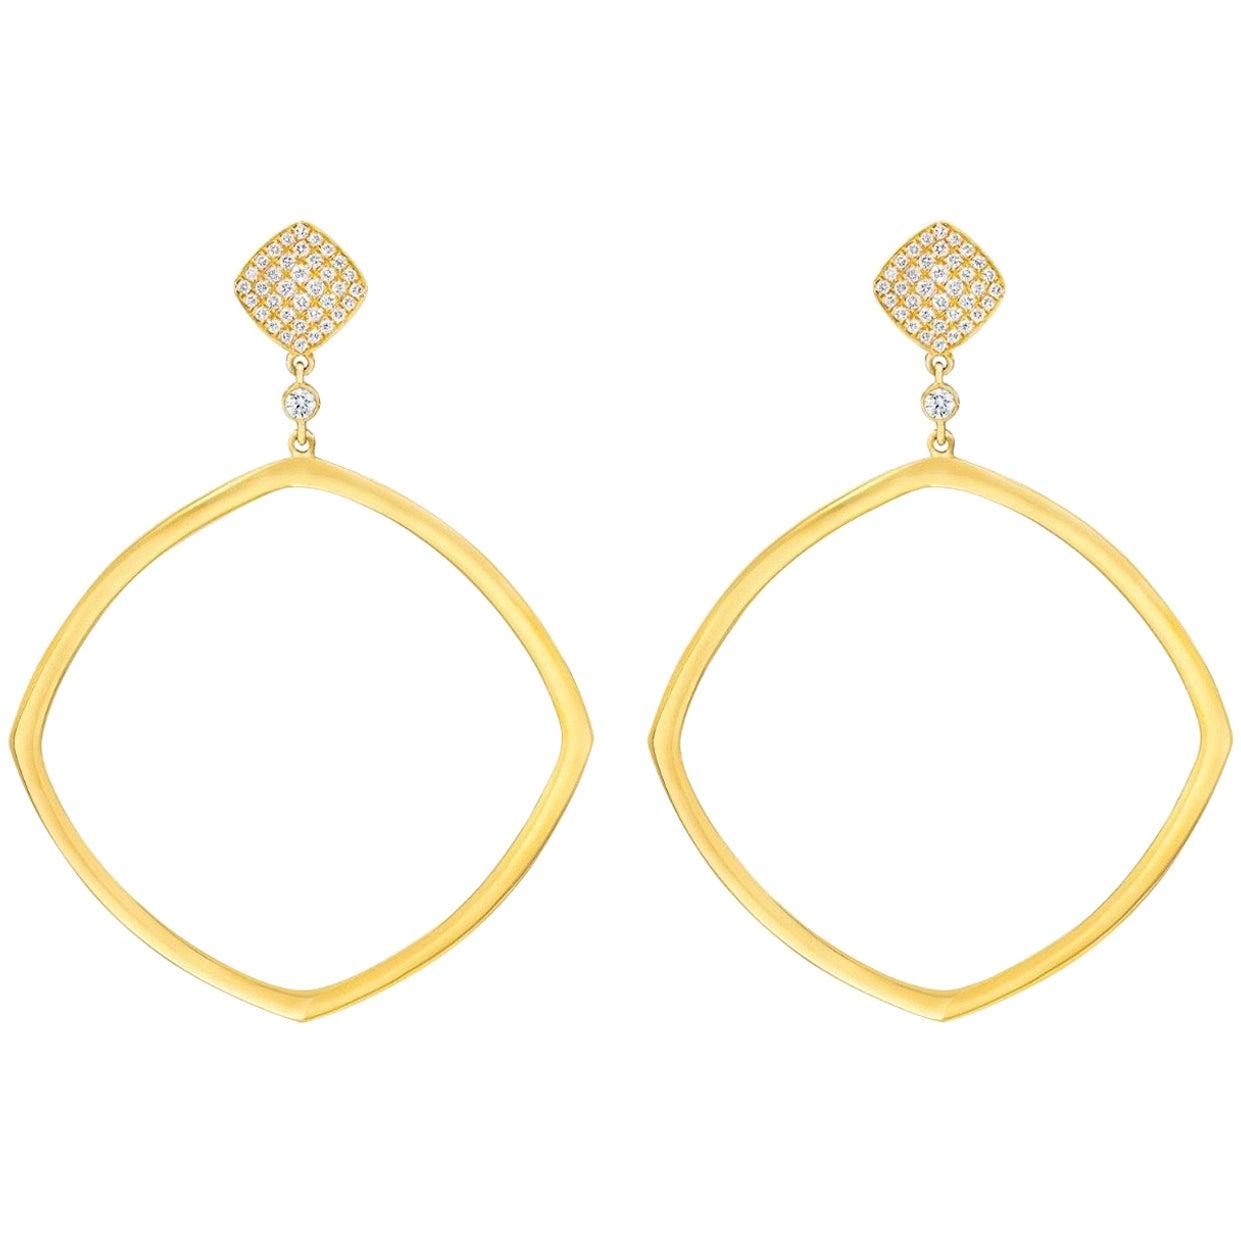 18 Karat Modern Diamond Grand Hoop Earrings